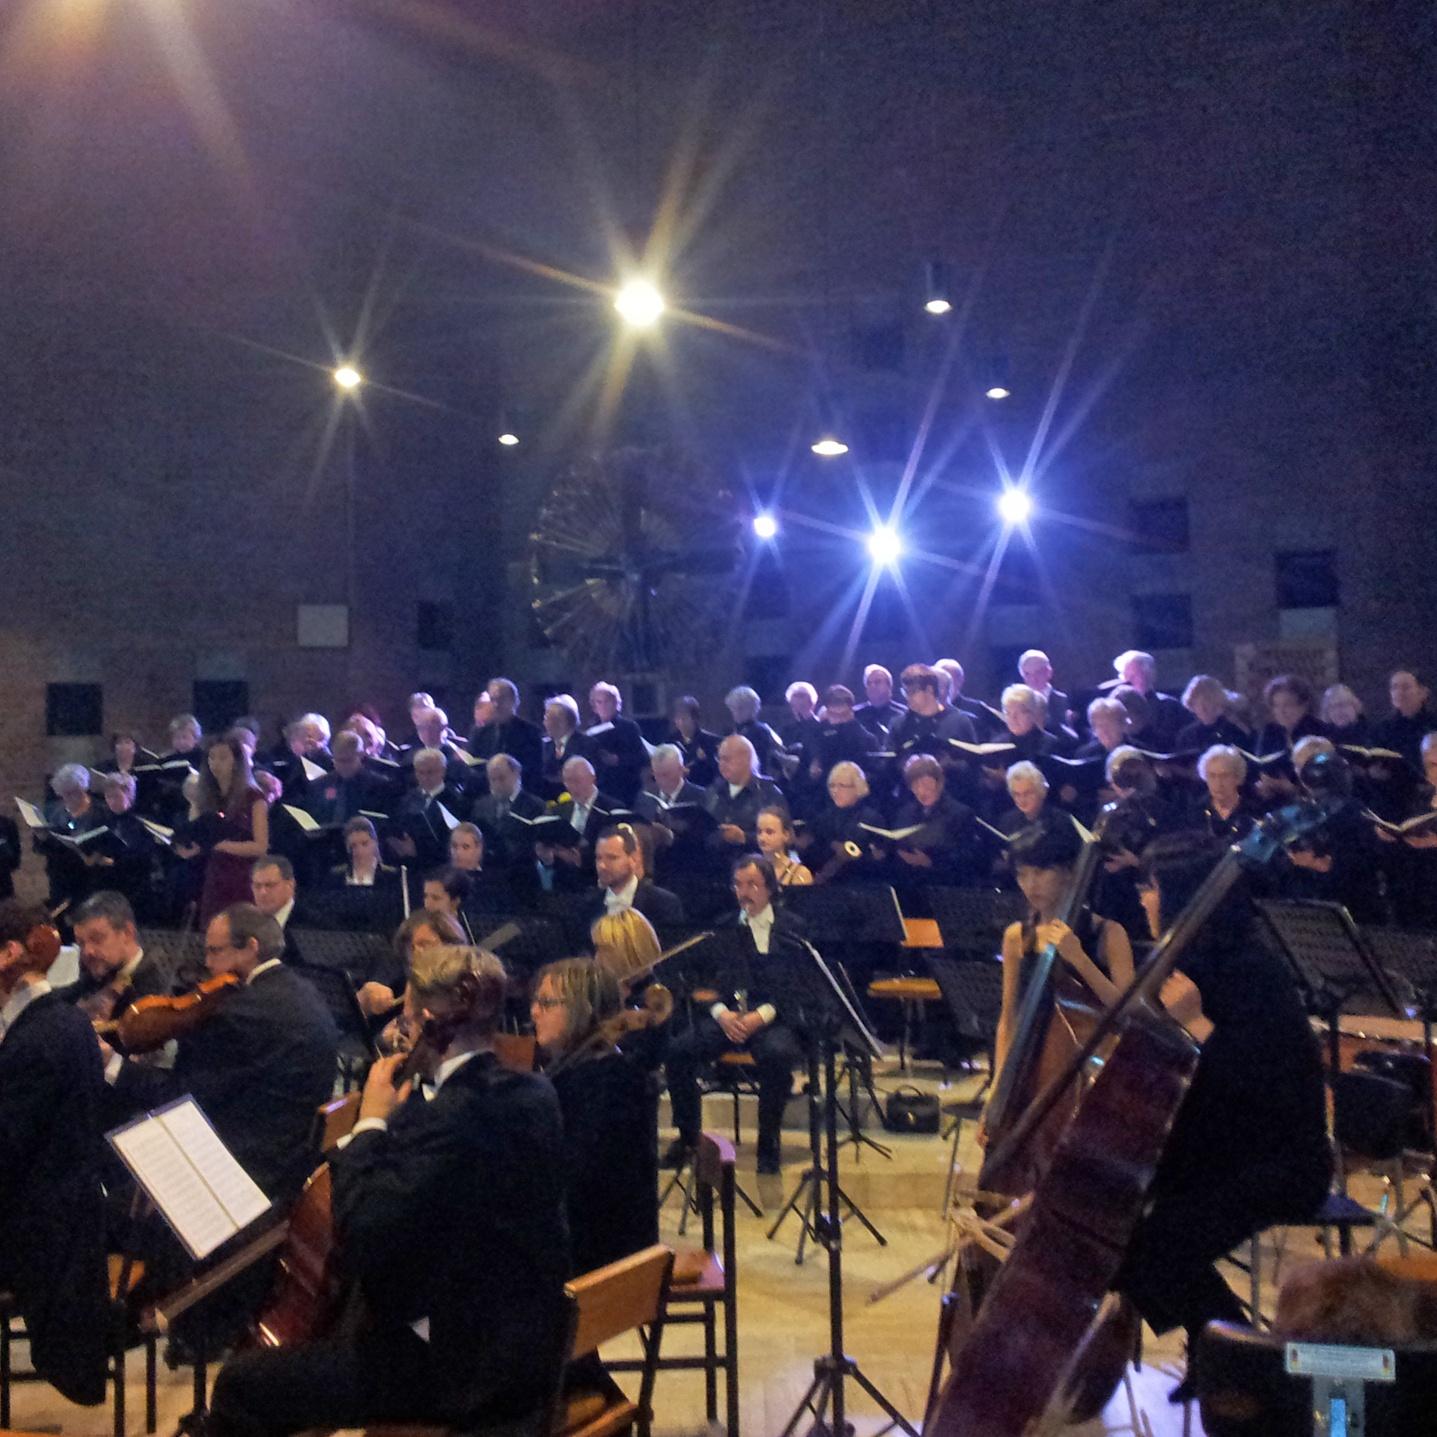 Konzert 2016: Damals waren dabei die Solistin Ascelina Klee (Alt), die Kantorei Bad Driburg, der Kammerchor Marsberg und das Bohemia Sinfonieorchester Prag. FOTO: ELISABETH AFFANI